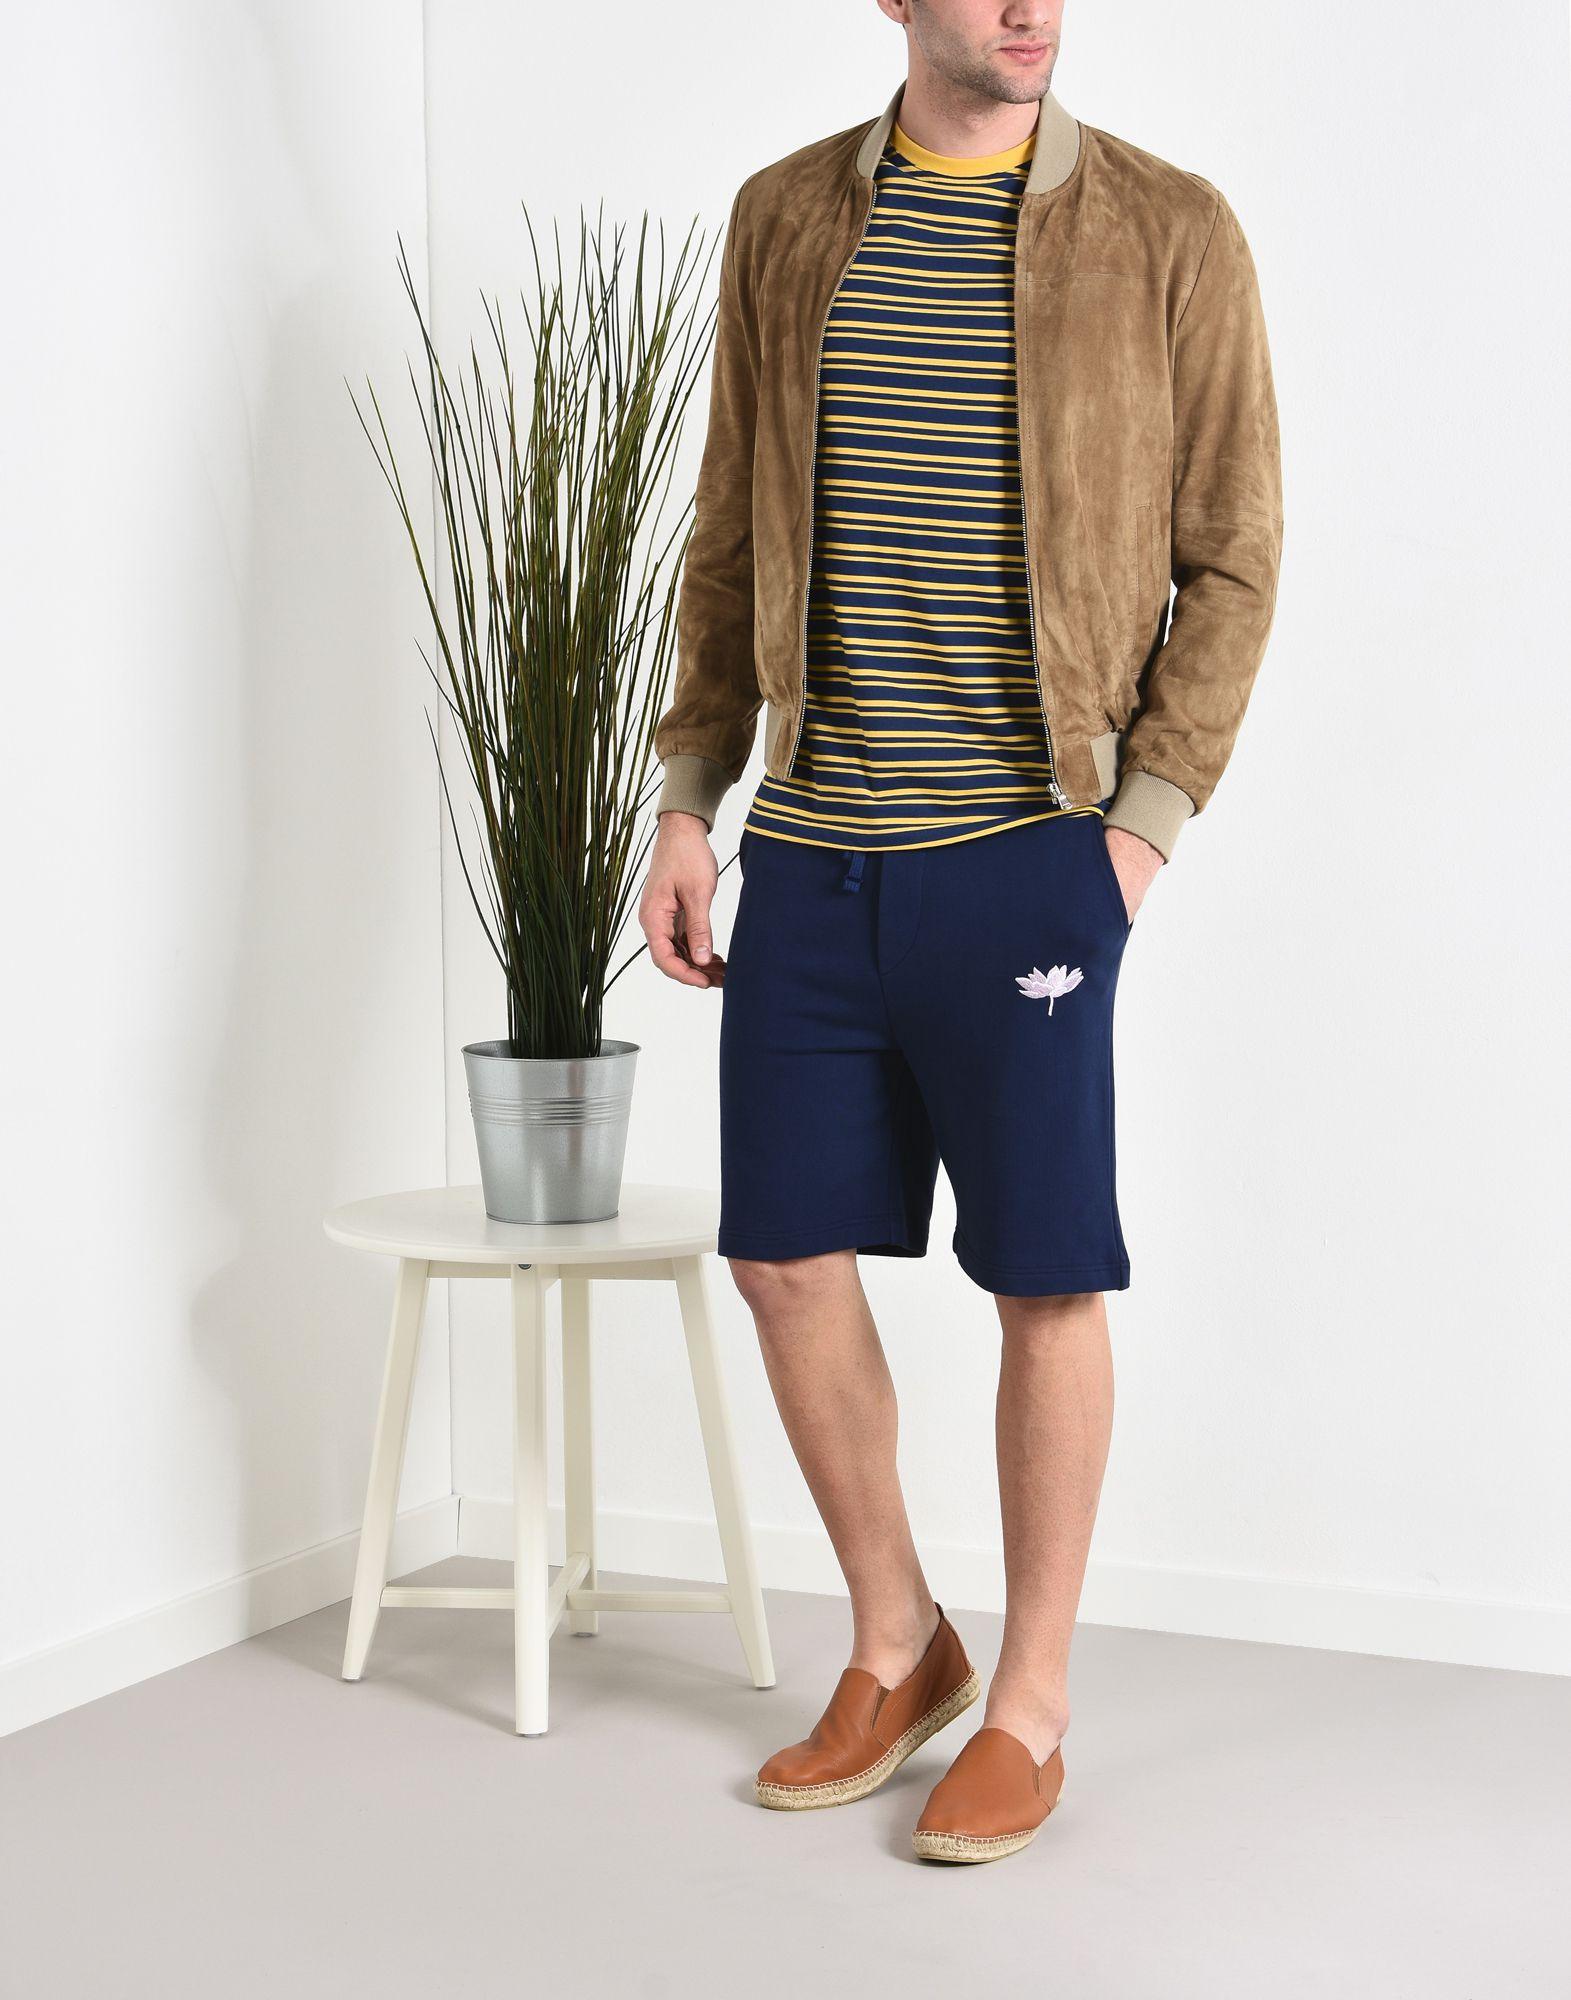 Pantalone Uomo Felpa 8 Uomo Pantalone - 13183721RB 8dacbc